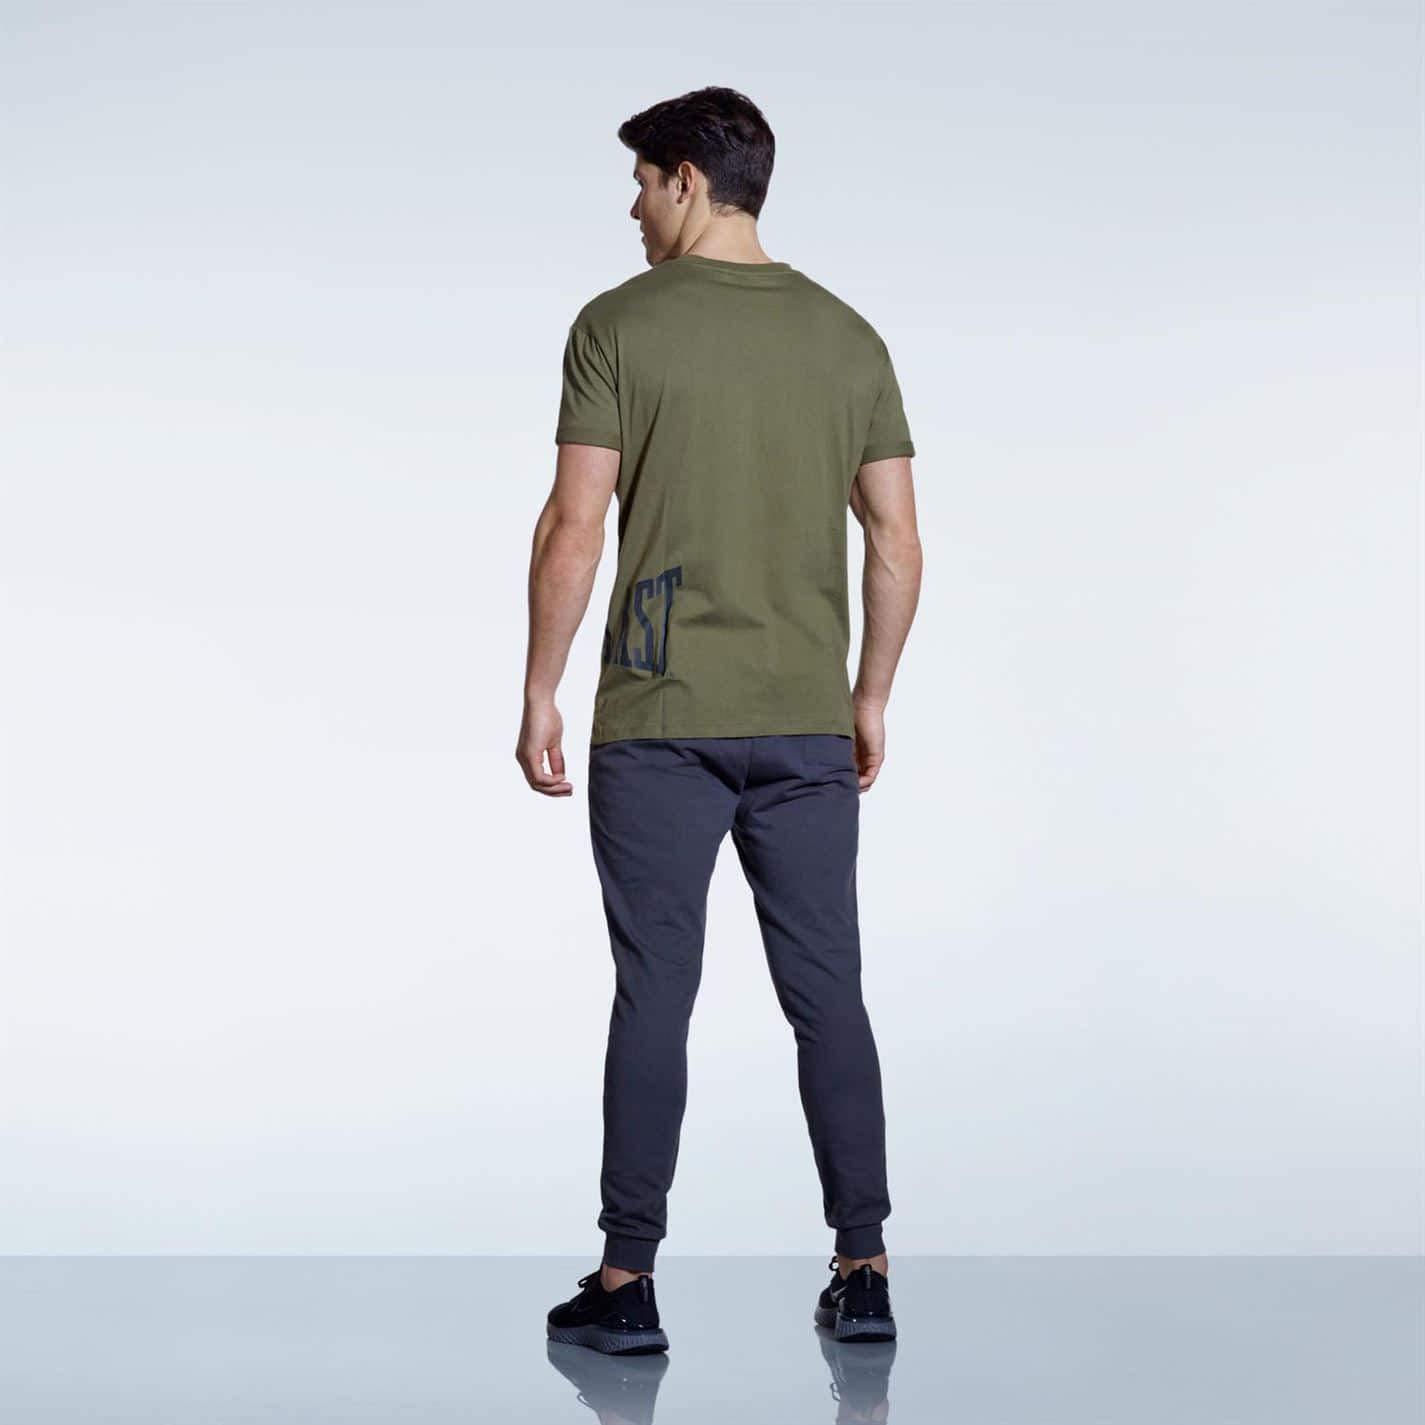 Everlast SPrnt Camisa de Cuello Redondo para Hombre Verde Caqui L ...